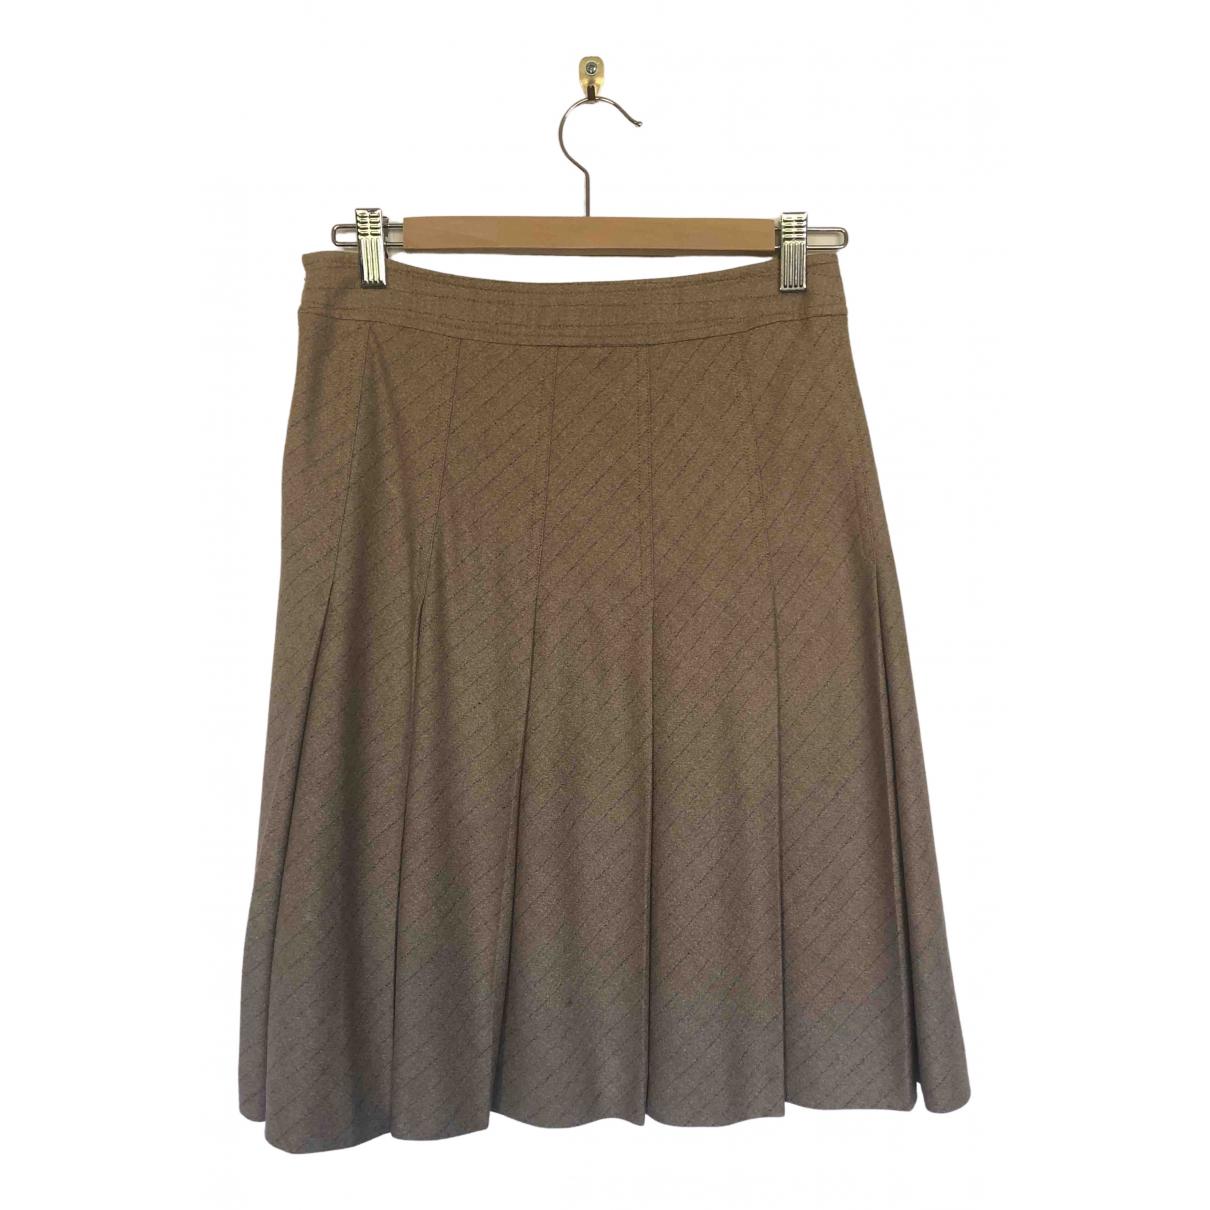 Theory - Jupe   pour femme en laine - beige